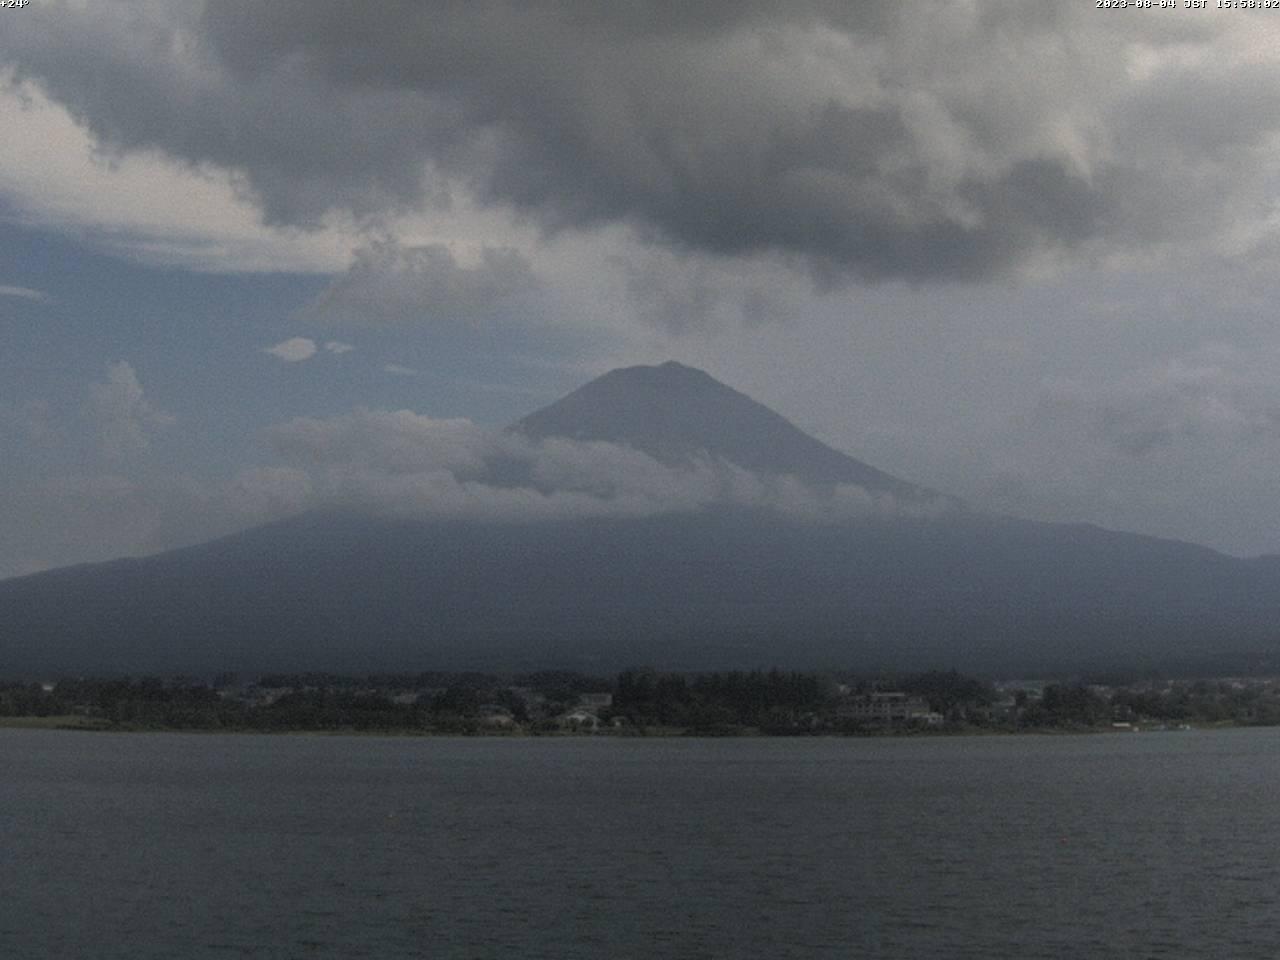 富士山ライブカメラ-河口湖北岸望遠